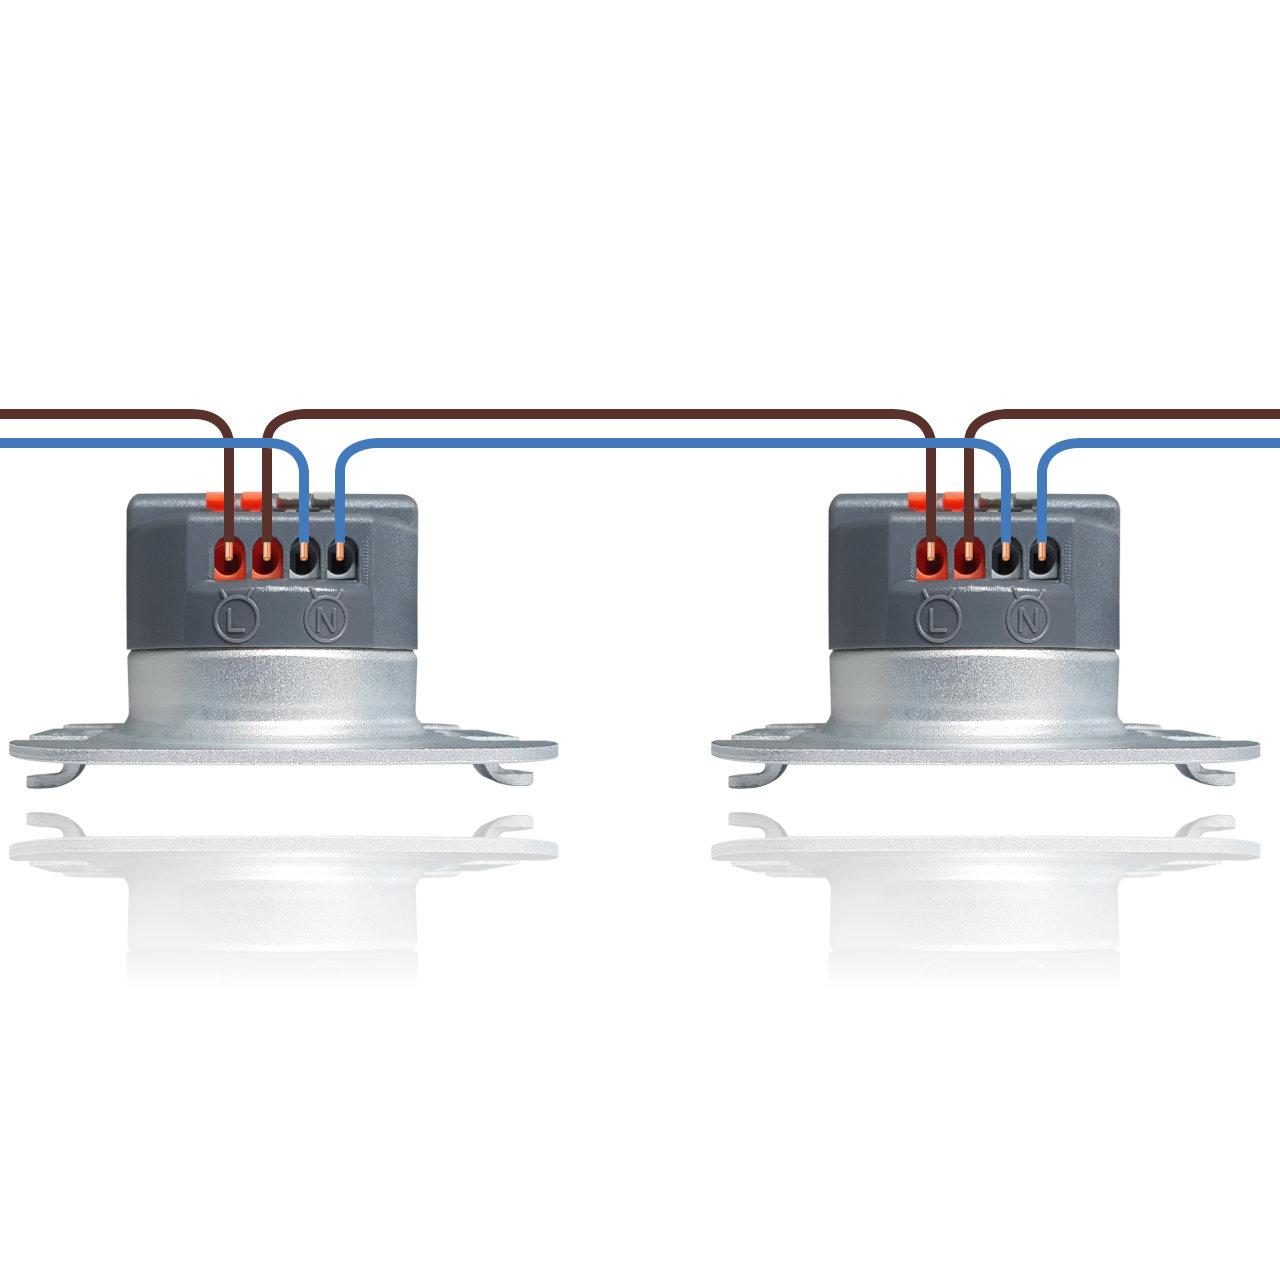 led-stufenbeleuchtung-einbauanleitung-wie-werden-die-stufenbeleuchtung-verbunden-verbindung